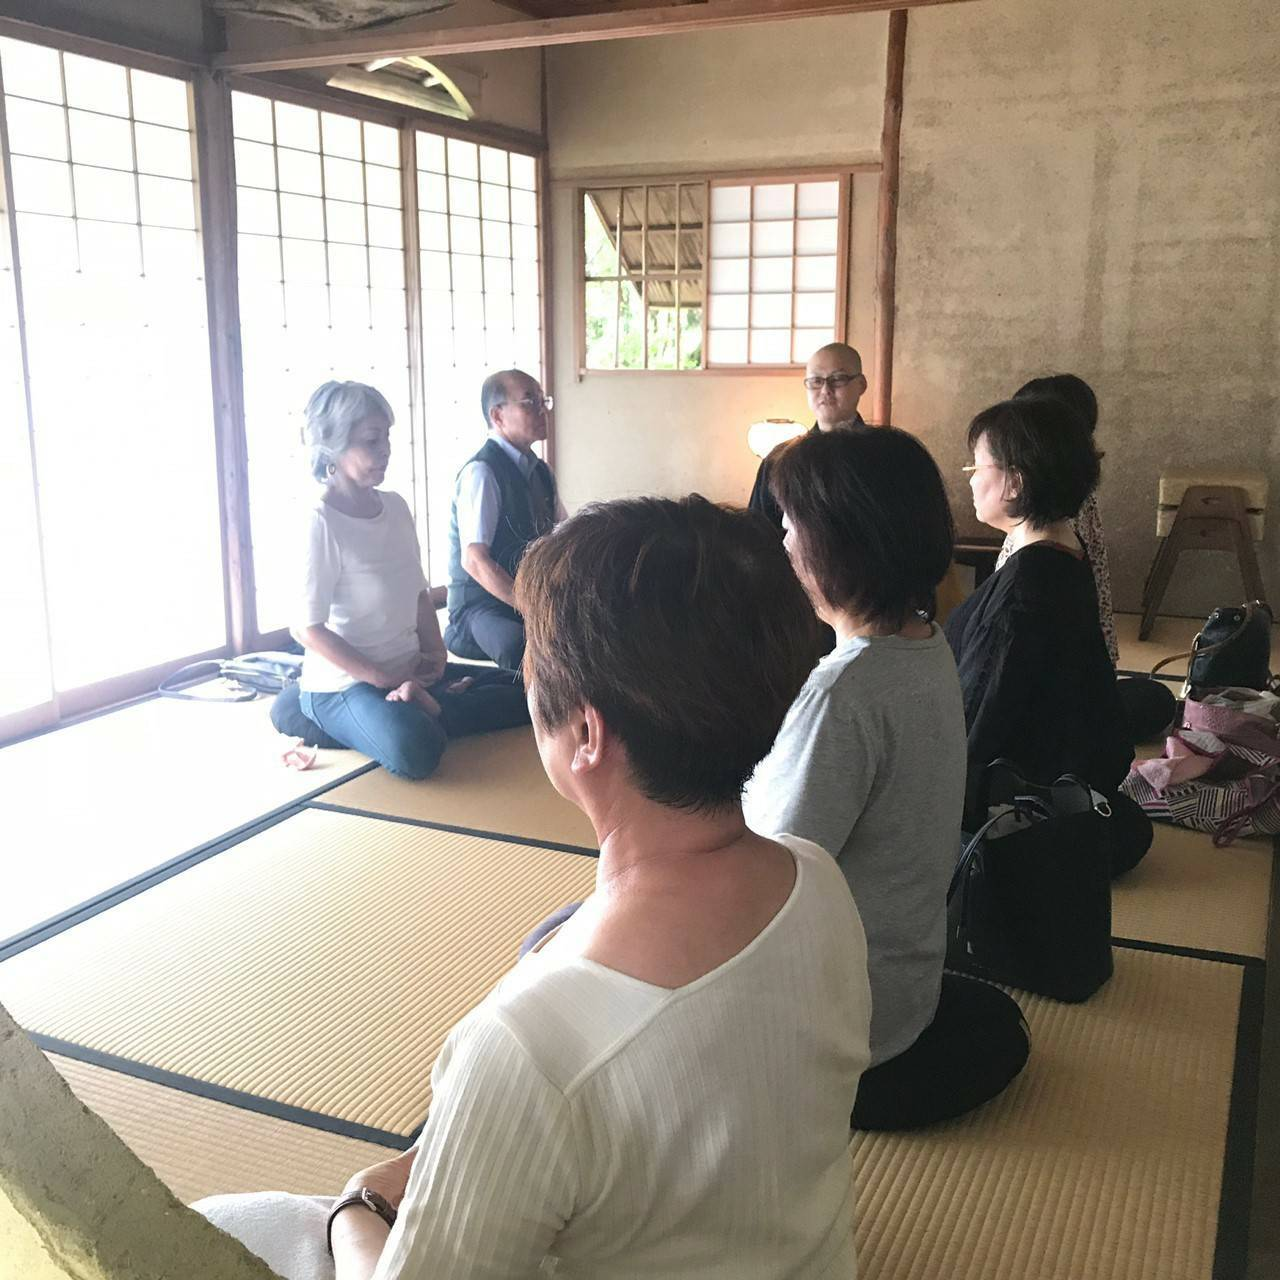 坐禅かふぇへのご来訪有難うございました。2019.6.3開催@詩仙堂丈山寺様_a0088229_21241230.jpg